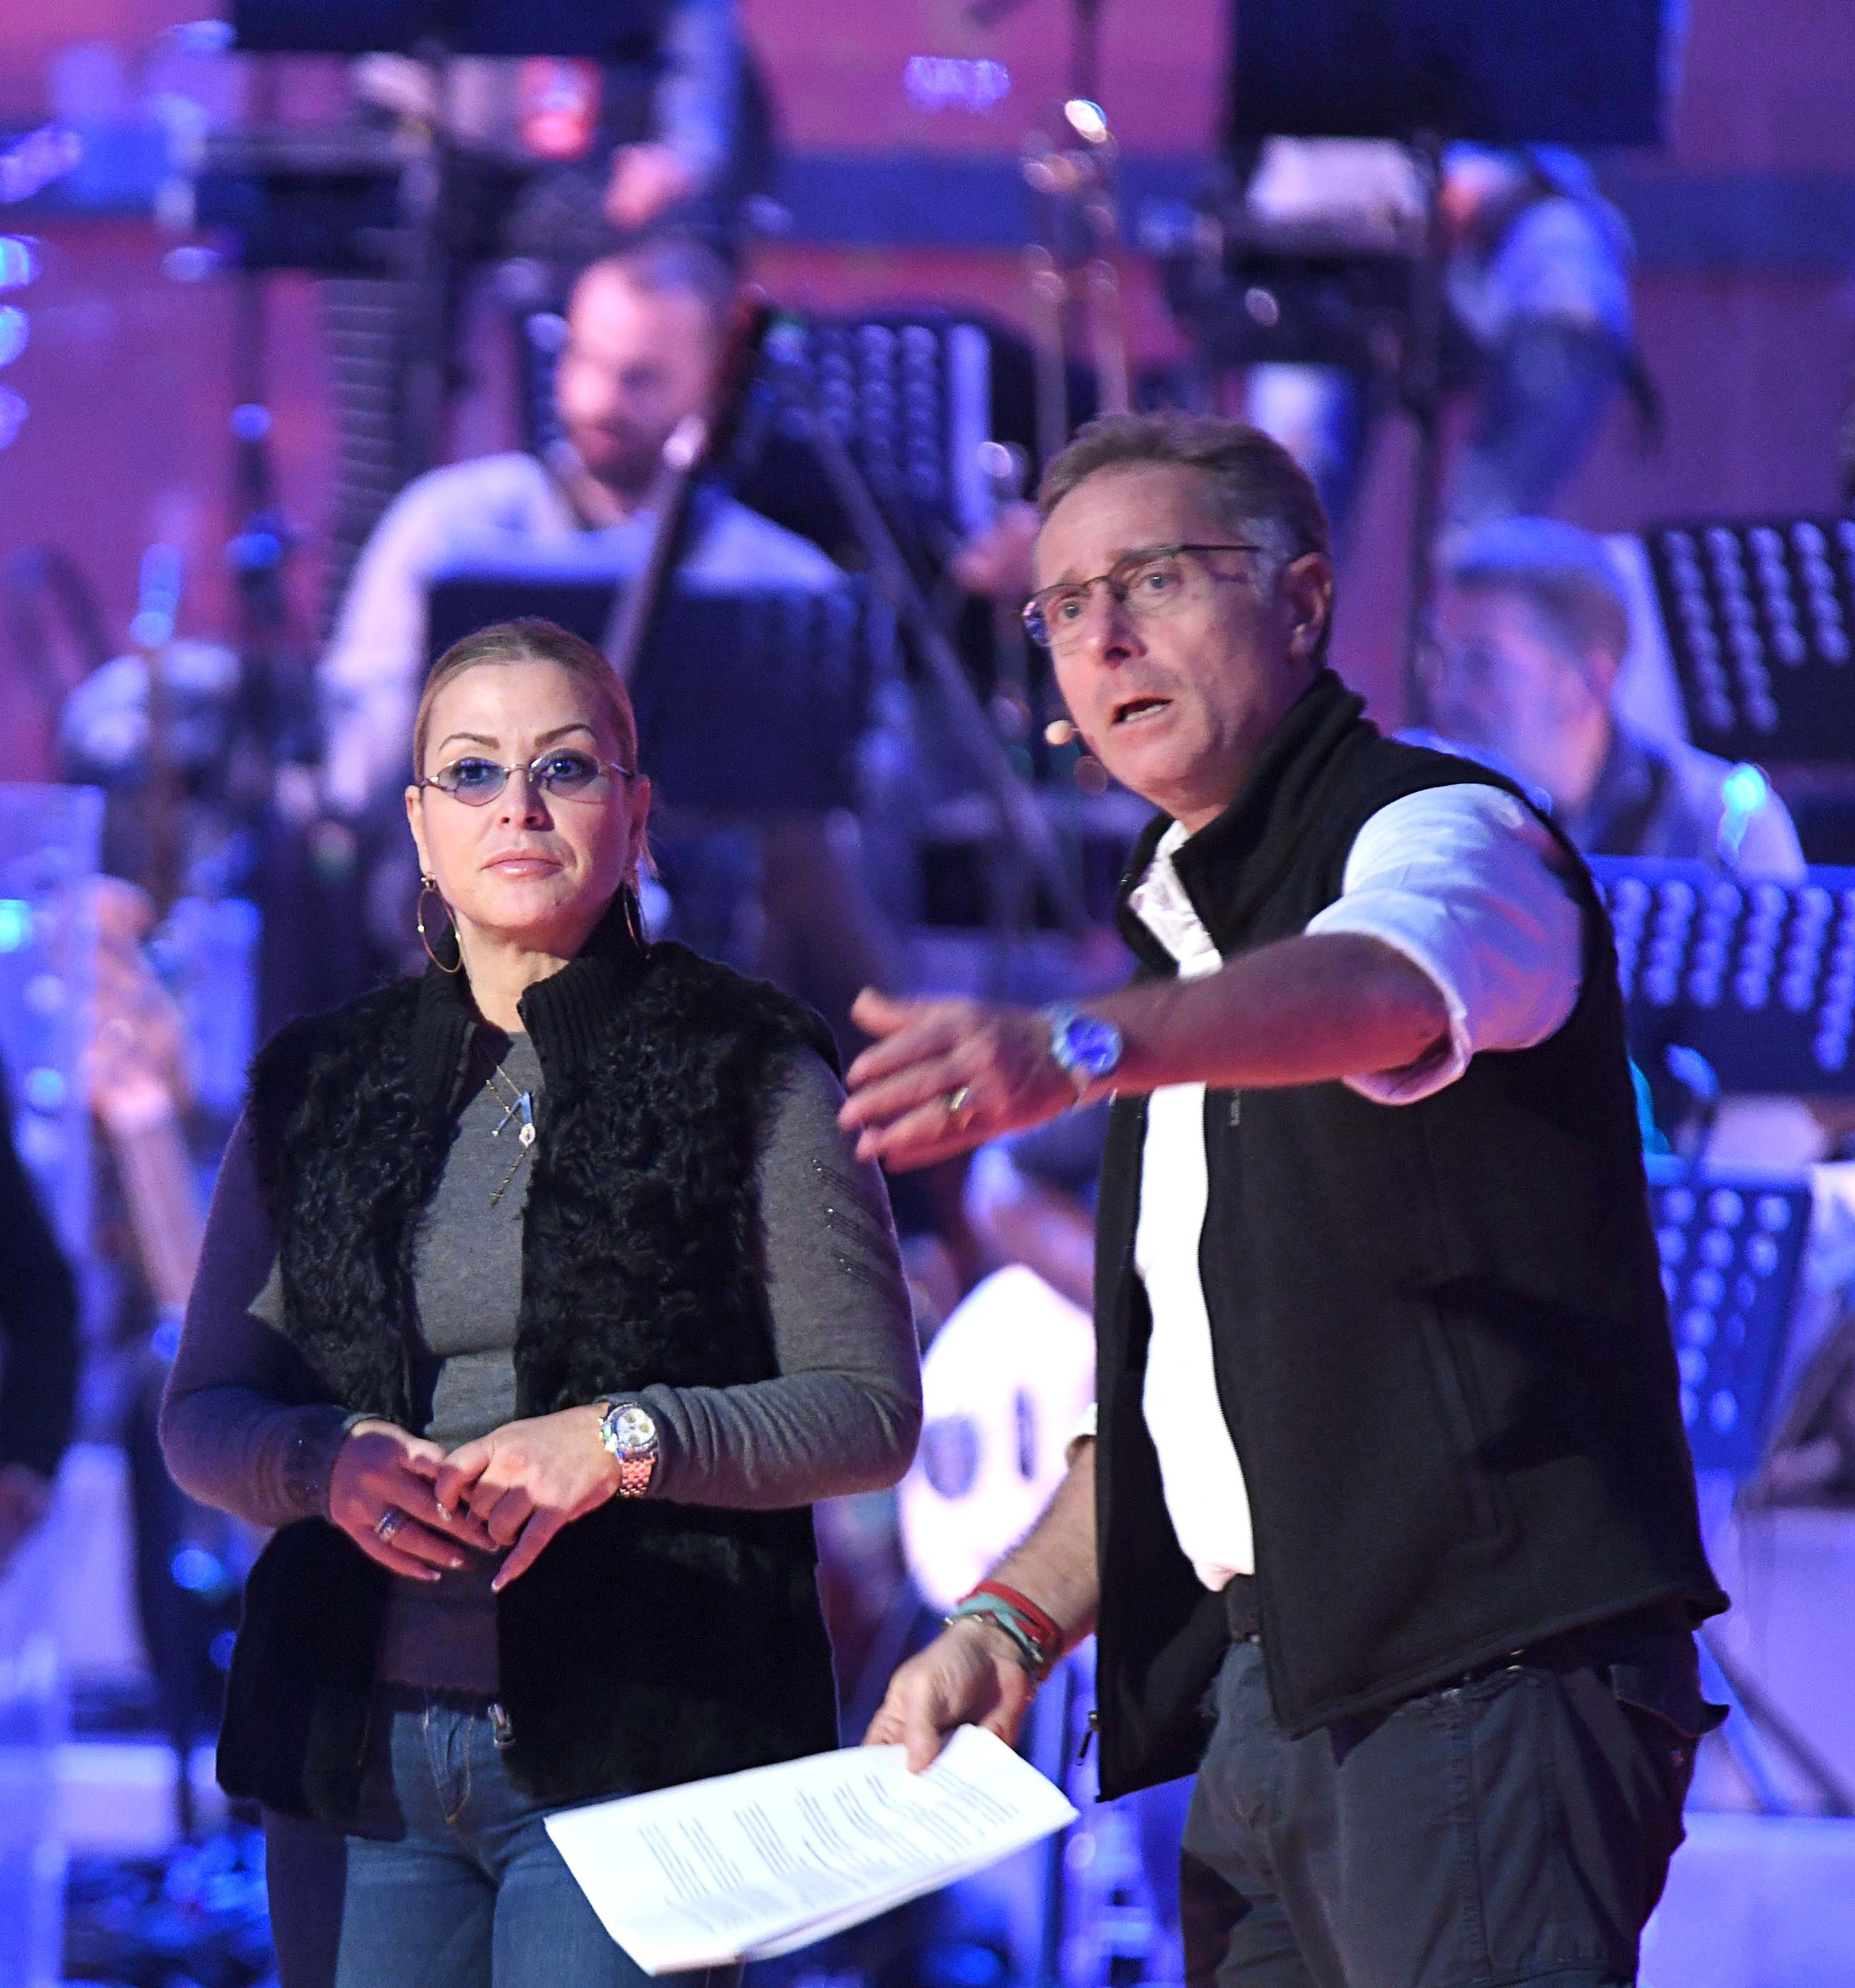 """ROMA CINE CITTÀ STUDIO 5 PROGRAMMA MUSICALE PRESENTATO DA PAOLO BONOLIS  """"MUSIC """""""